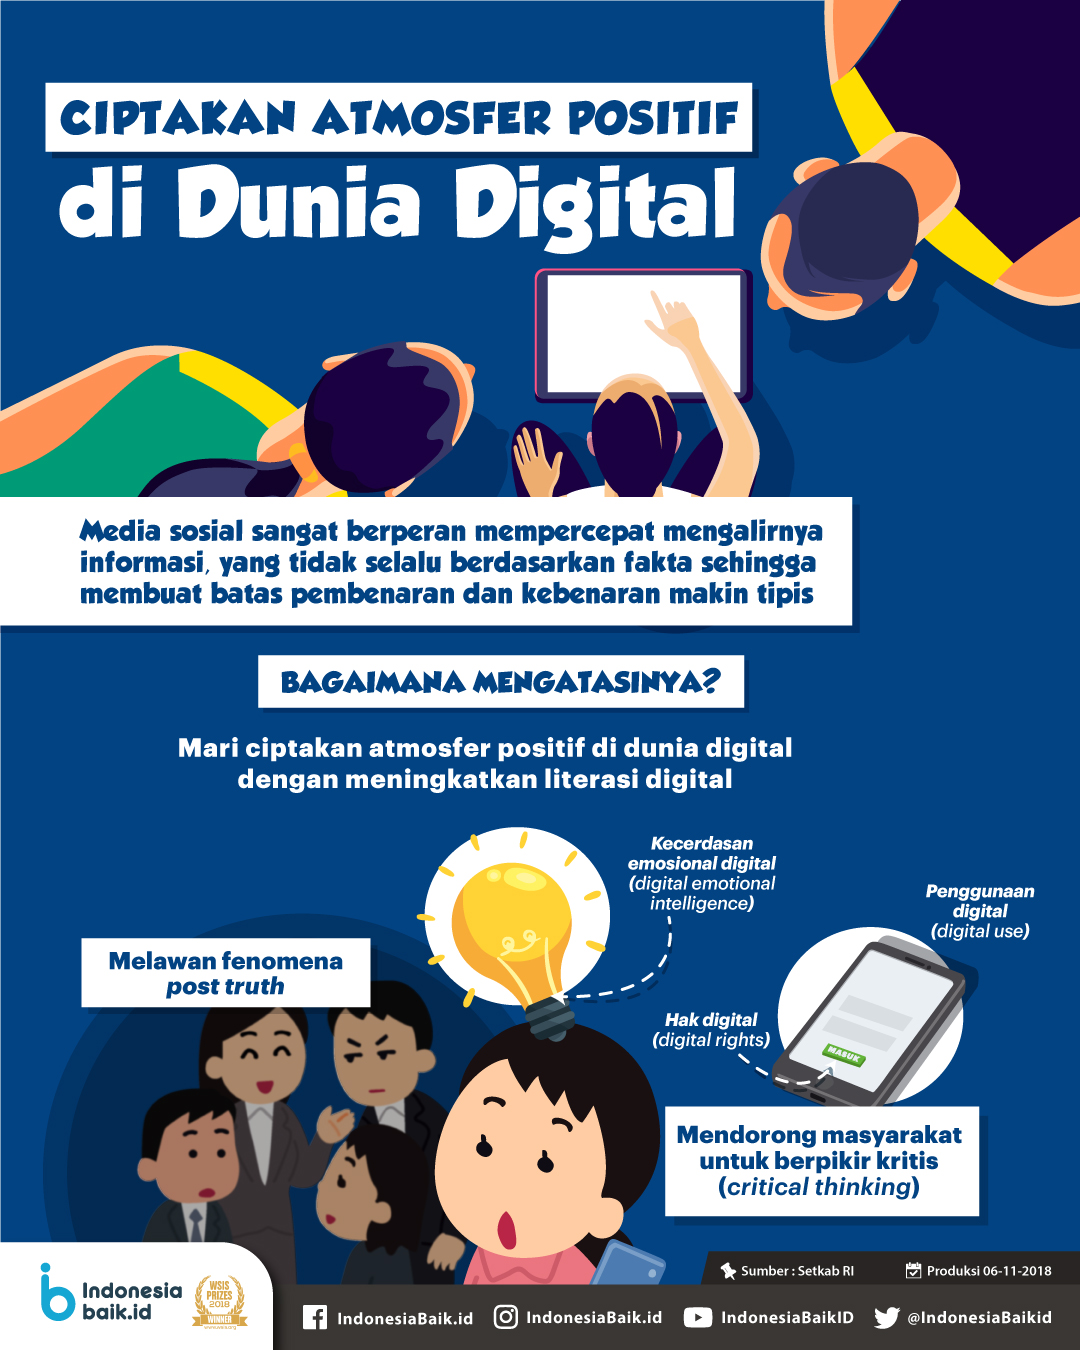 Ciptakan Atmosfer Positif di Dunia Digital